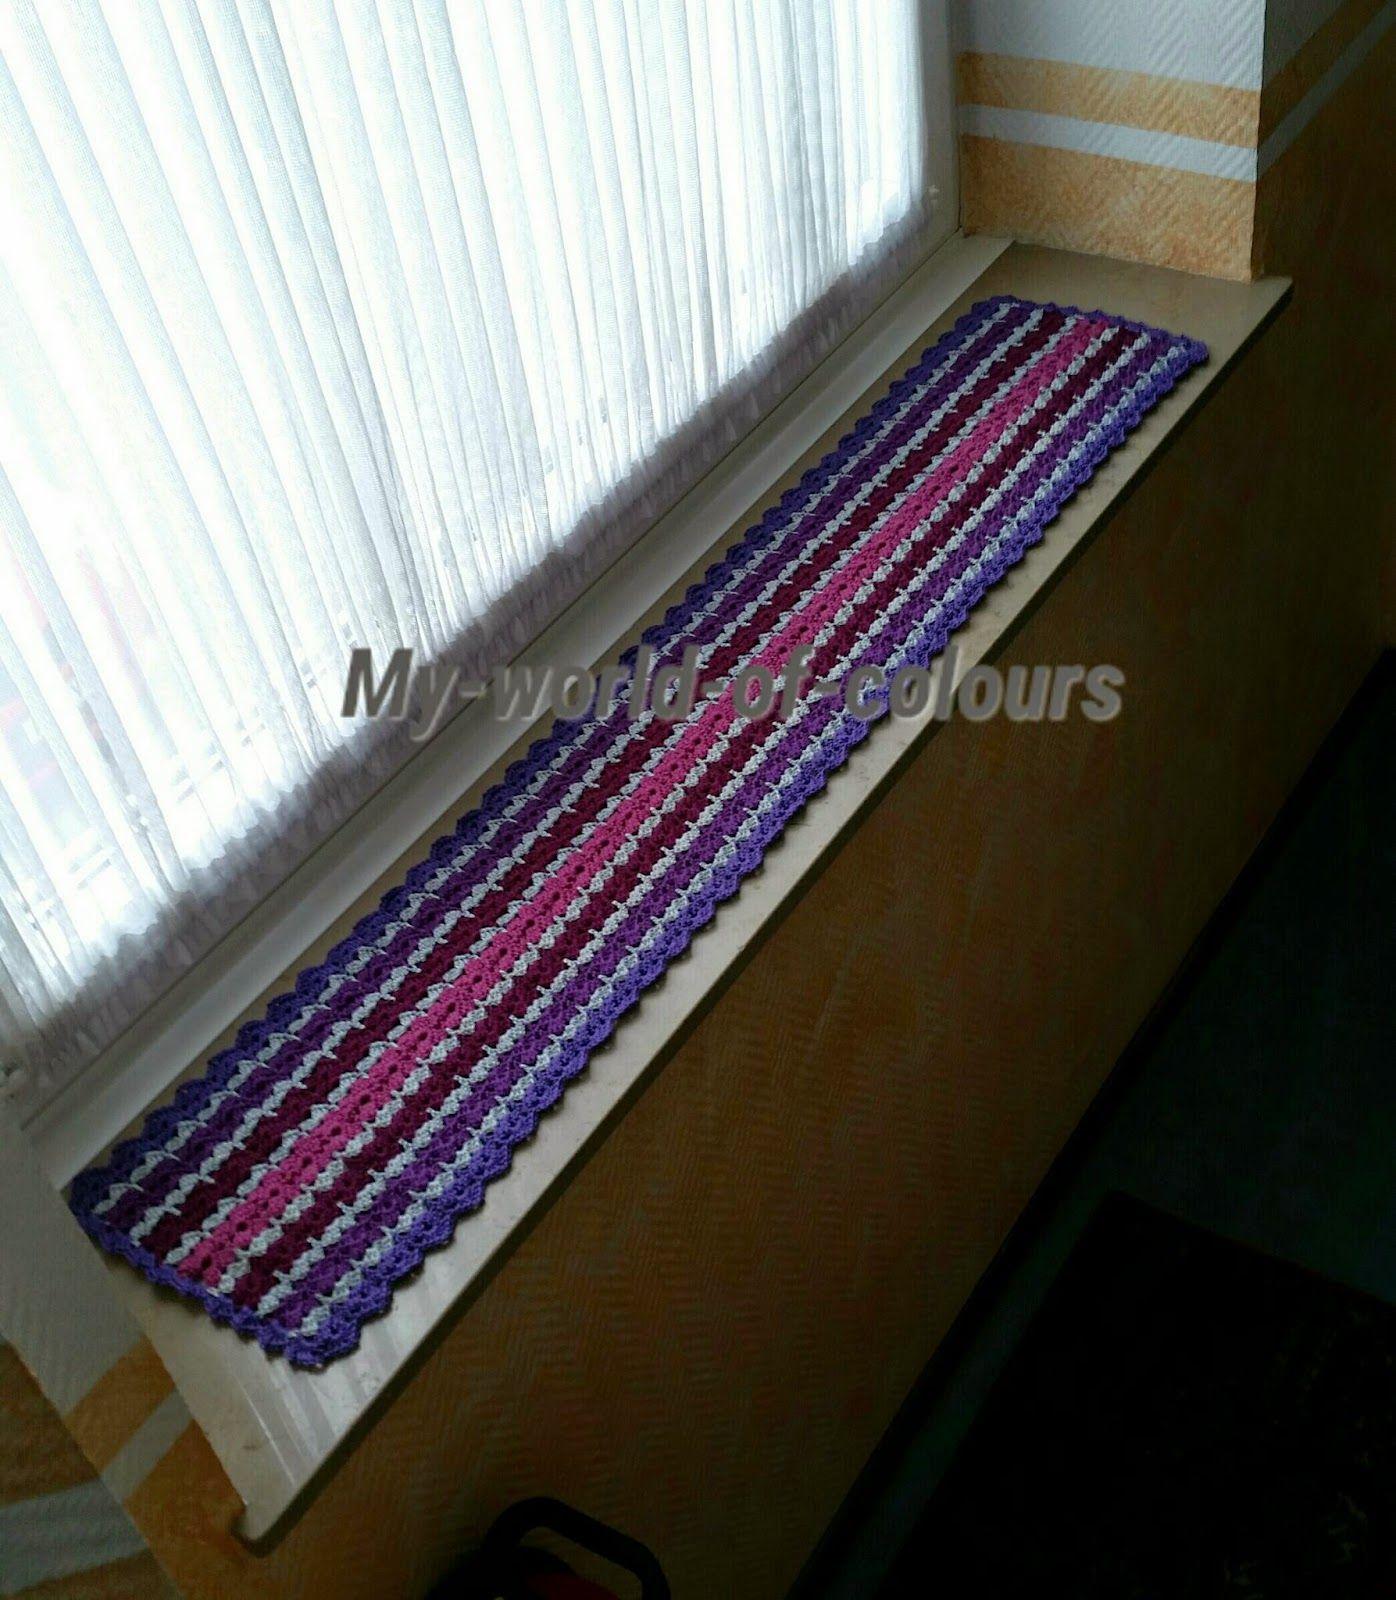 My world of crochet: Ein Deckchen für die Fensterbank! | Crochet ...